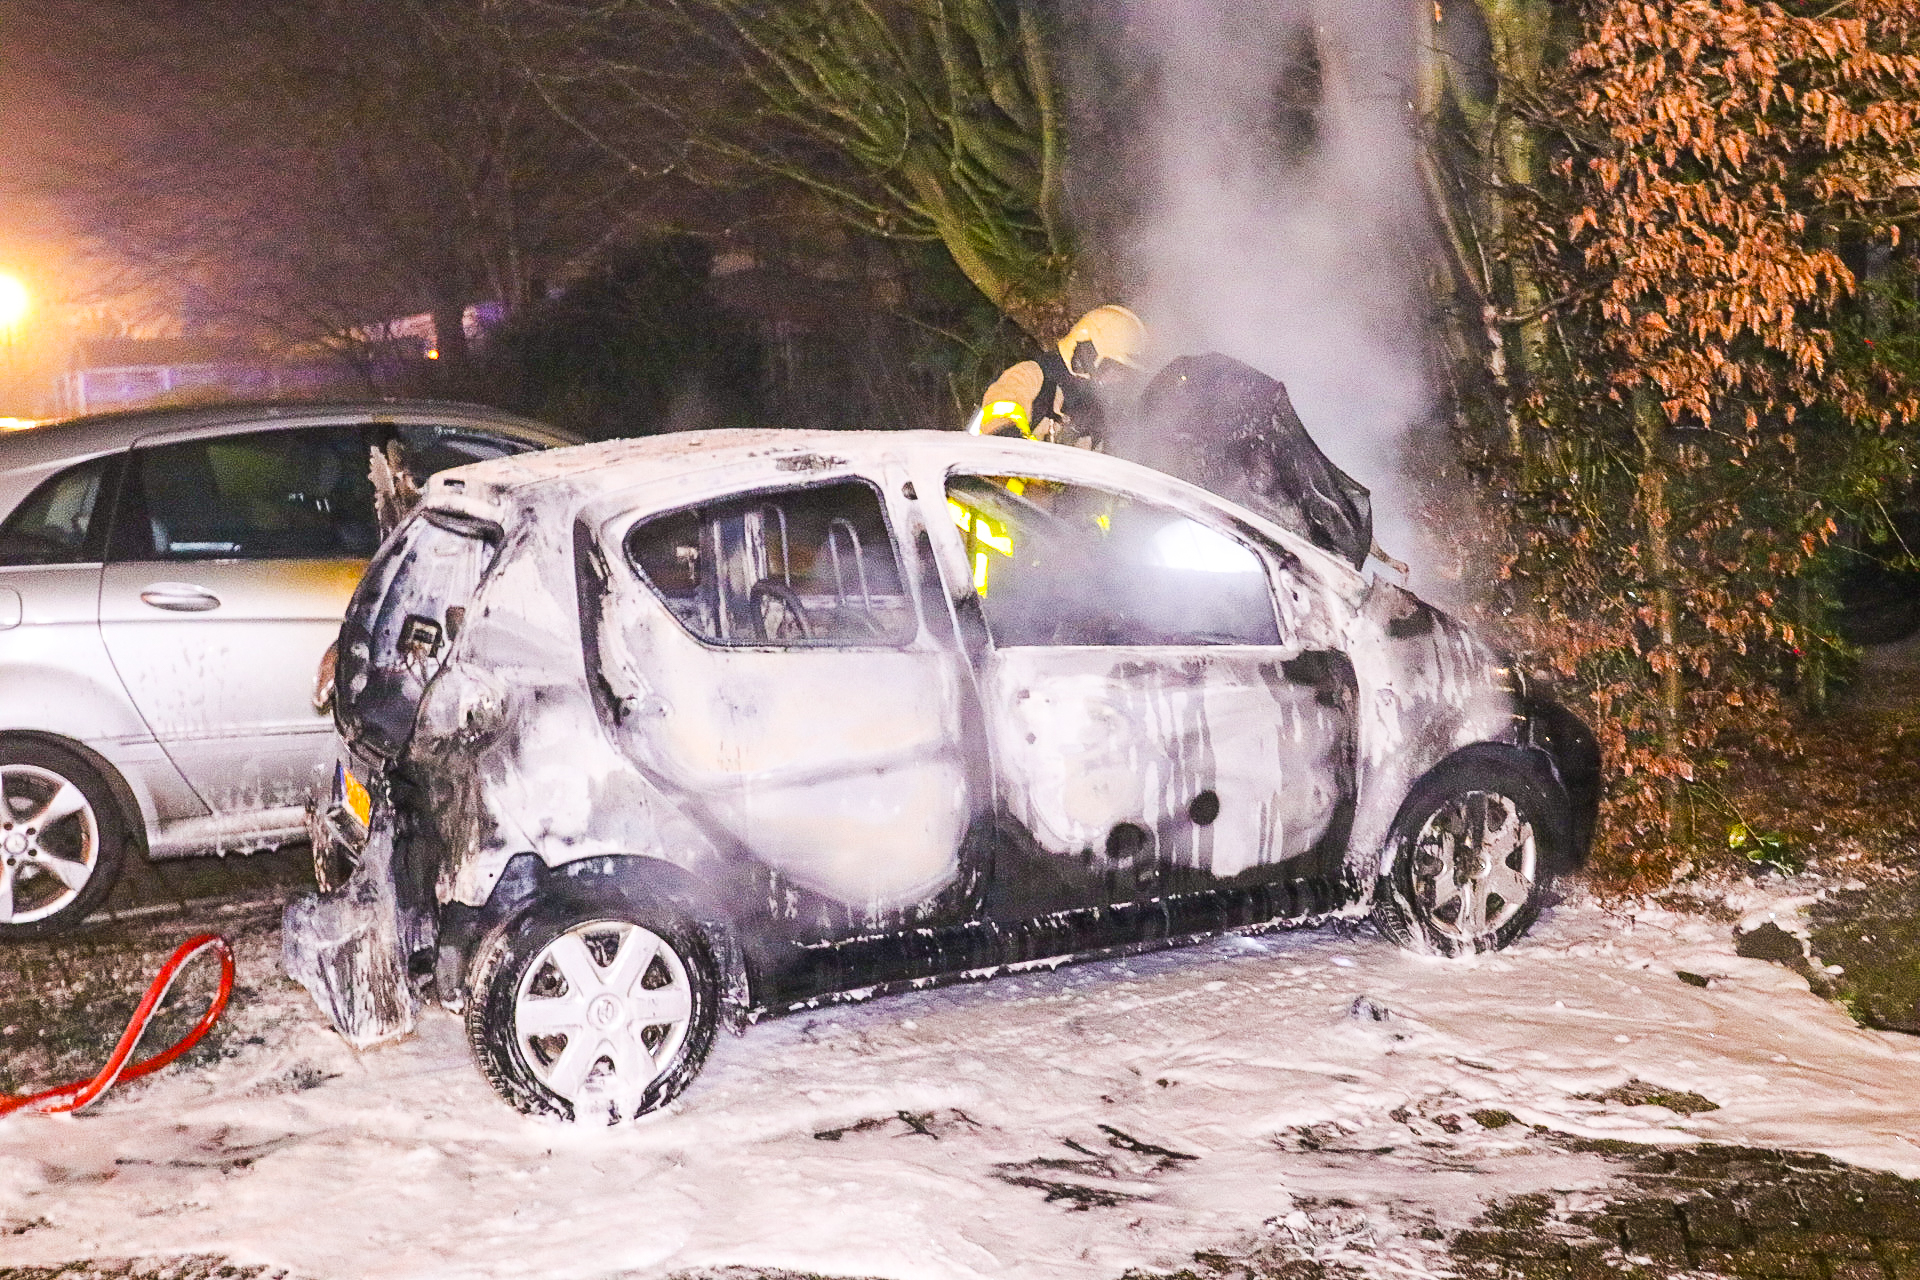 Brandweer rukt 117 keer uit met oud en nieuw en 42 vuurwerk slachtoffers behandeld door artsen